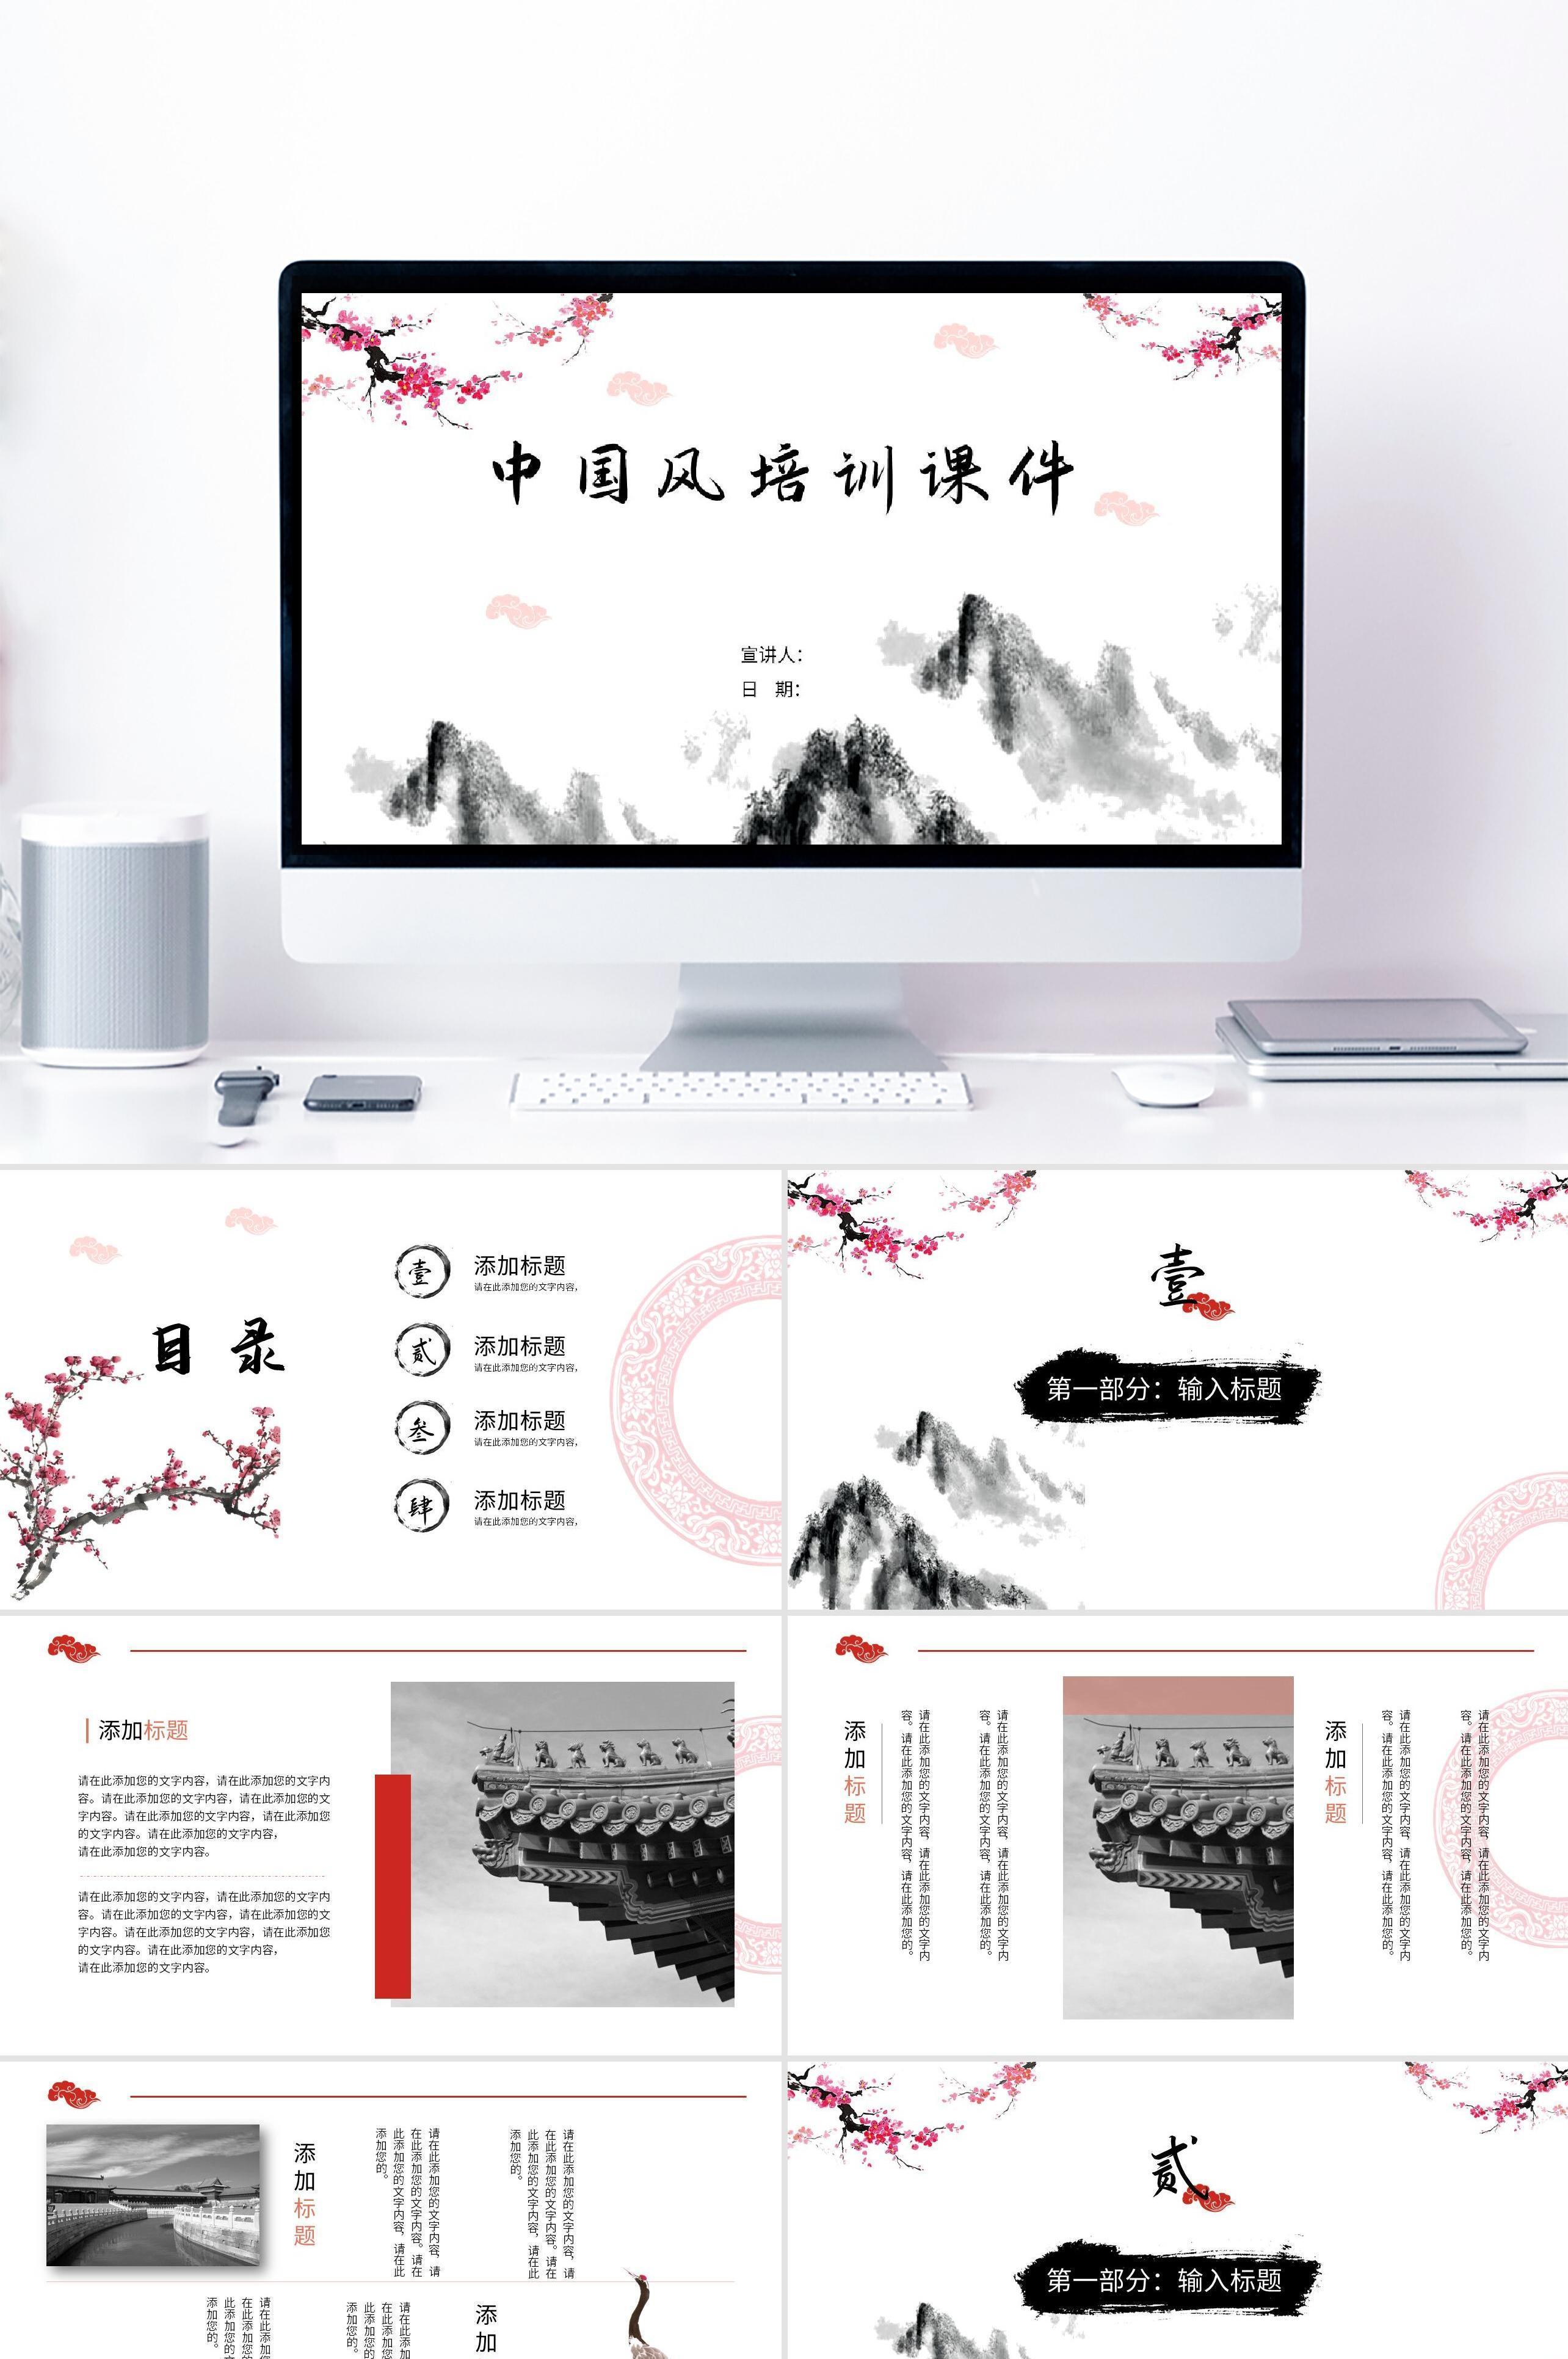 中国风简约教育培训PPT模板